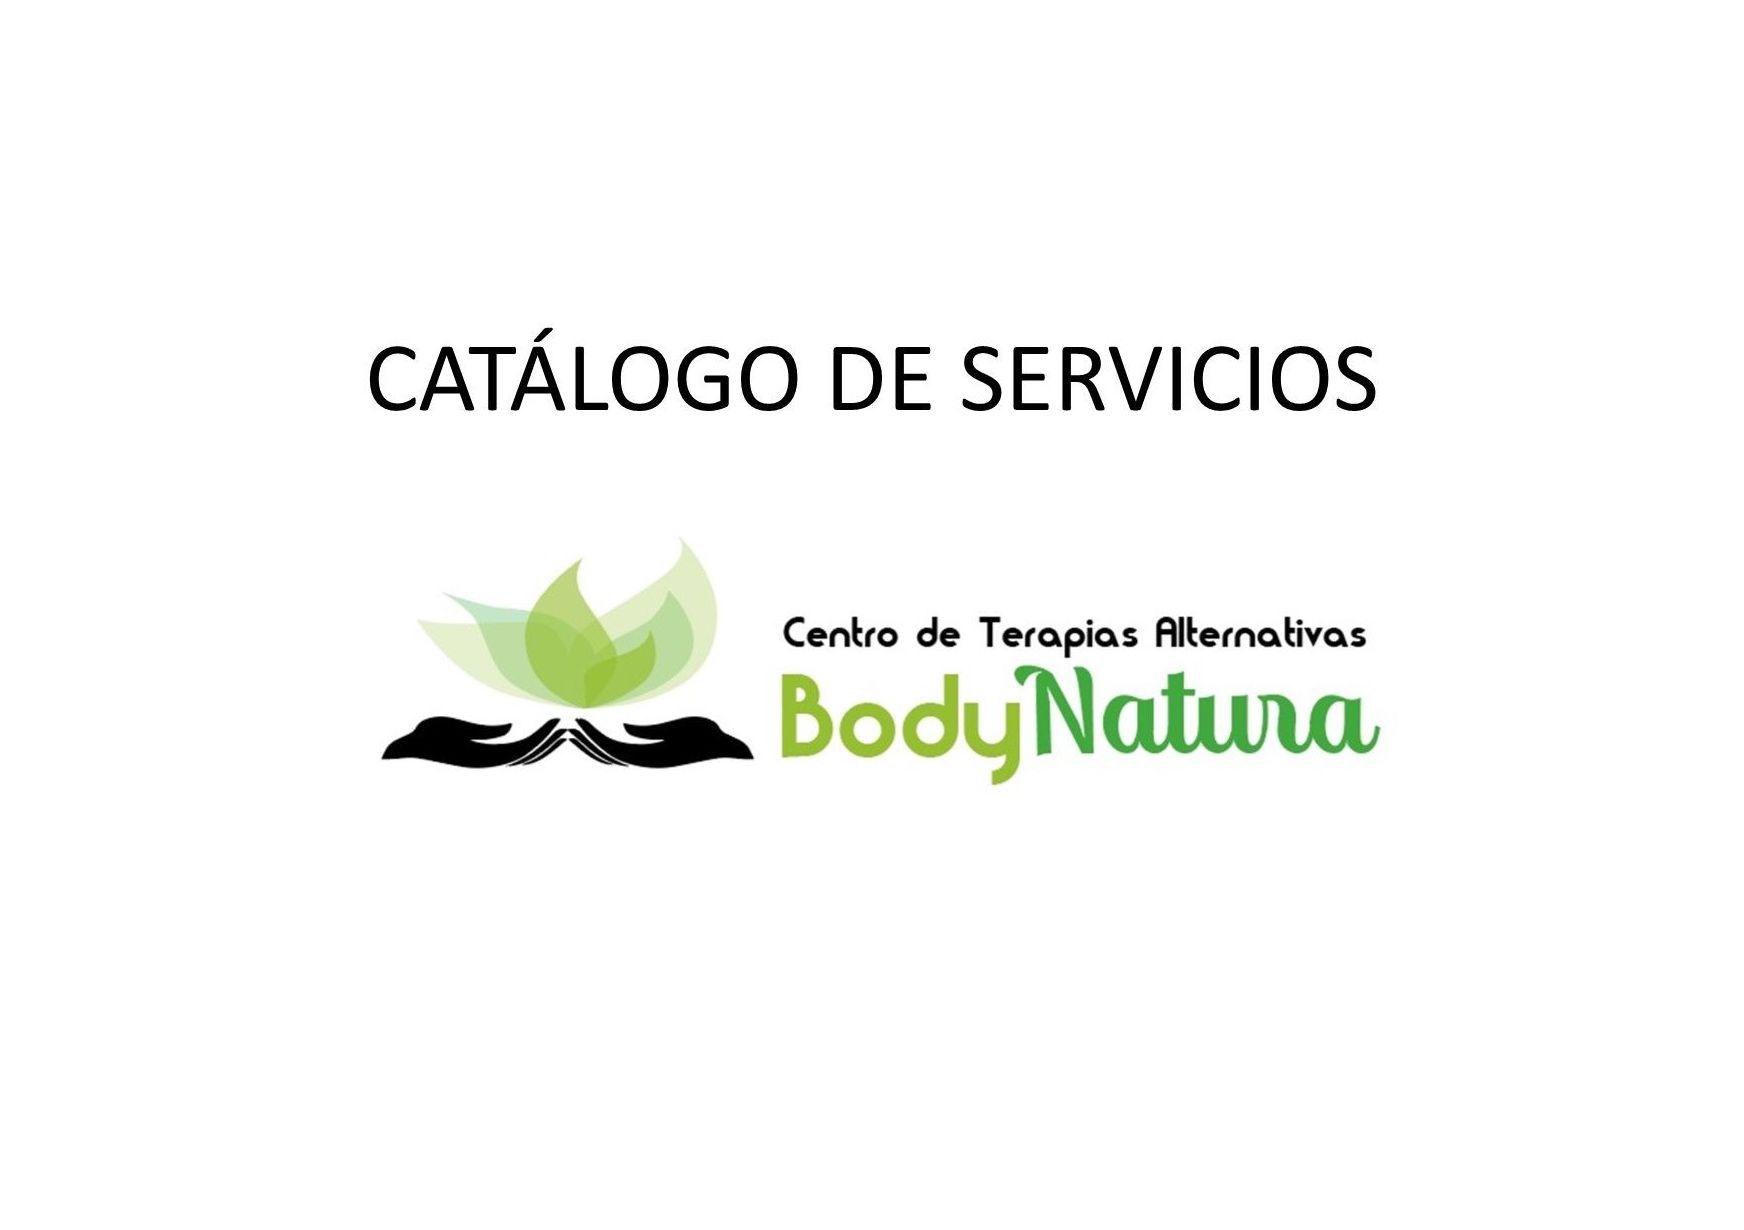 catalogo de nuestro servicios: Tratamientos y Cursos de Bodynatura